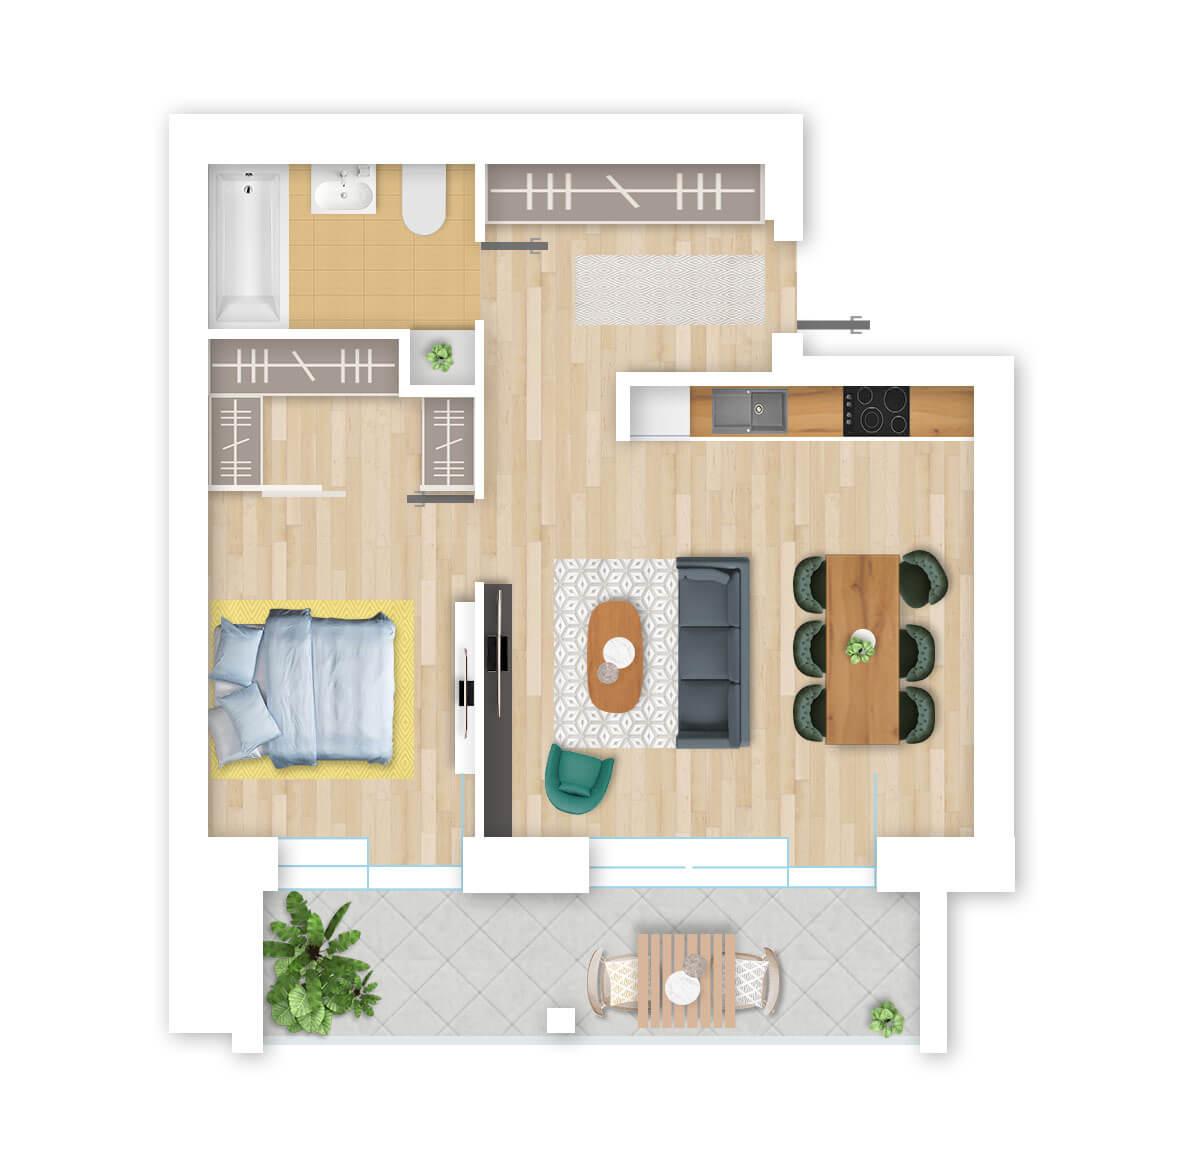 parduodamas butas Lazdynėlių g. 16A - 35 Vilniuje, buto 3D vaizdas